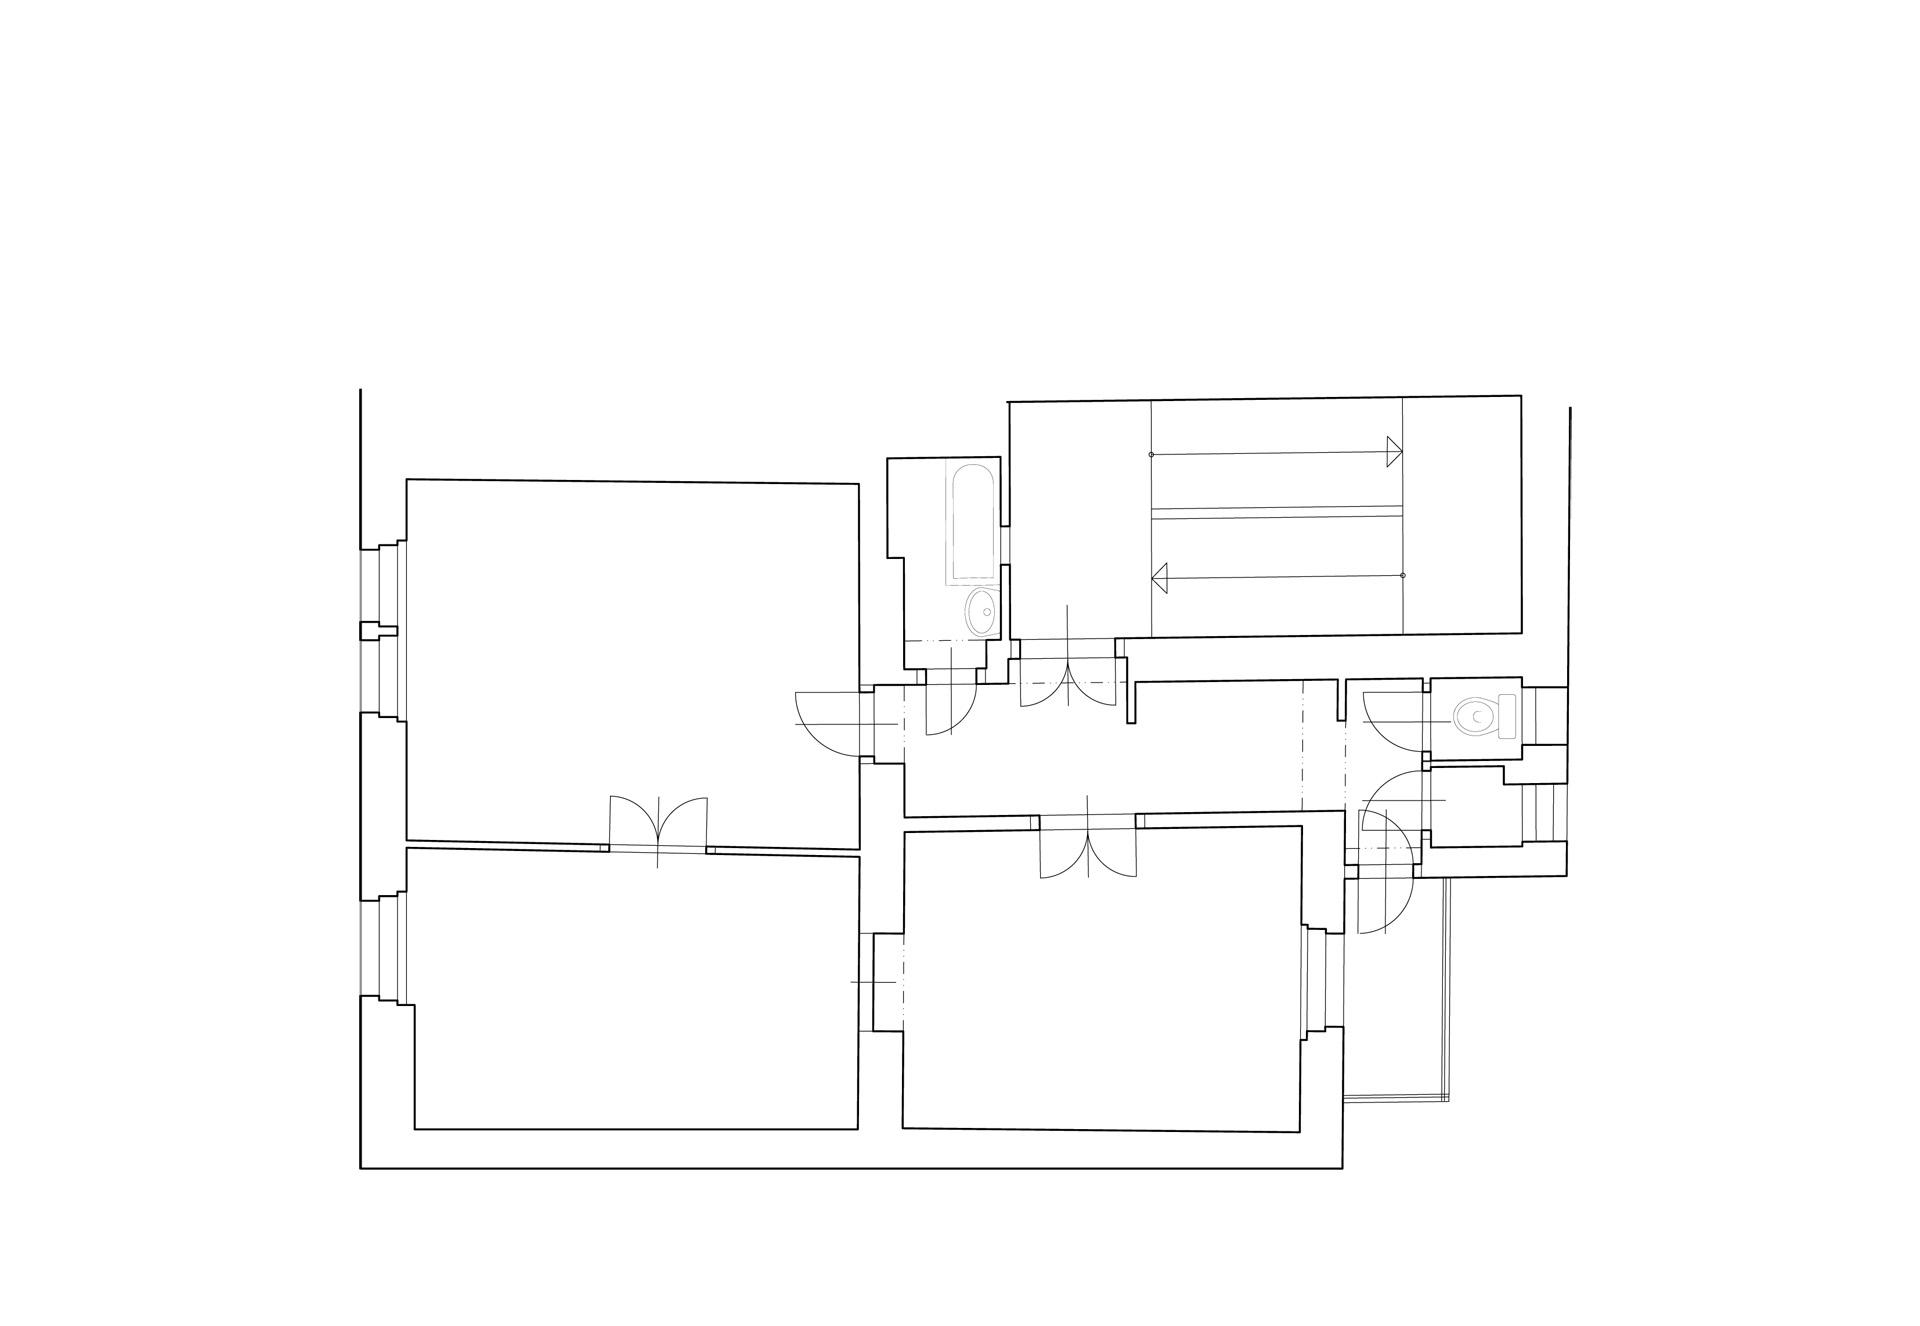 rekonstrukce bytu-Praha Břevnov - půdorys - původní stav